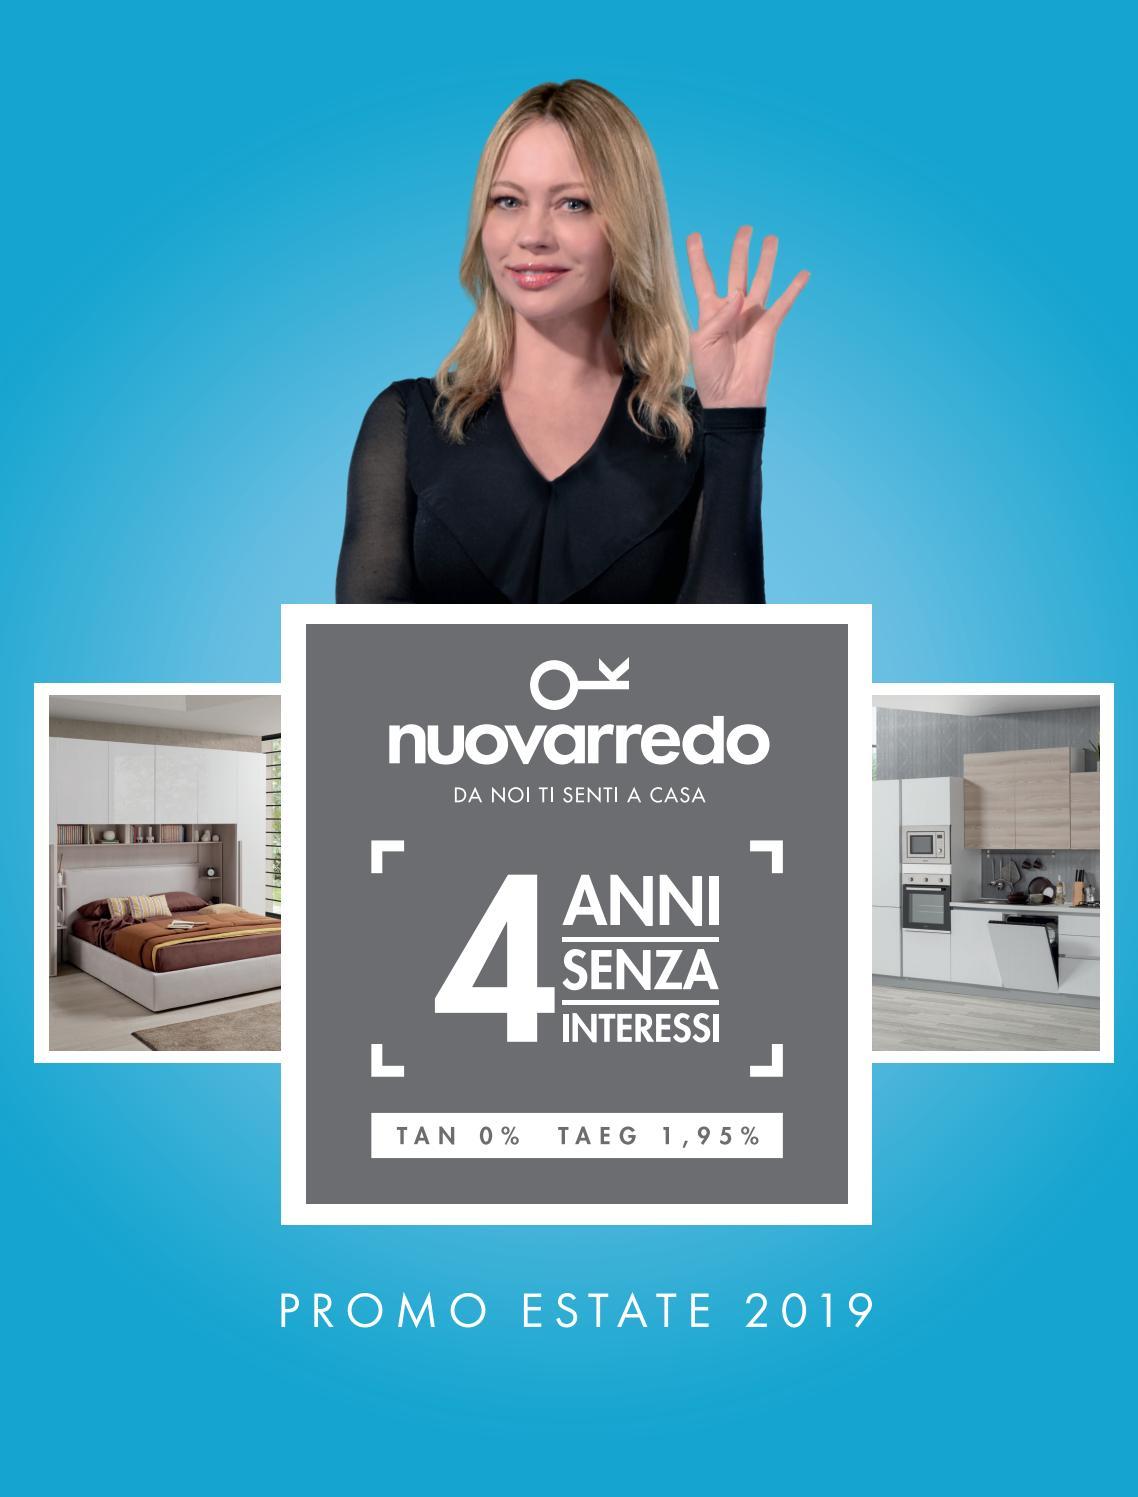 Nuovo Arredo Bari Santa Caterina.Magazione Giugno 2019 Nuovarredo By Nuovarredo Issuu